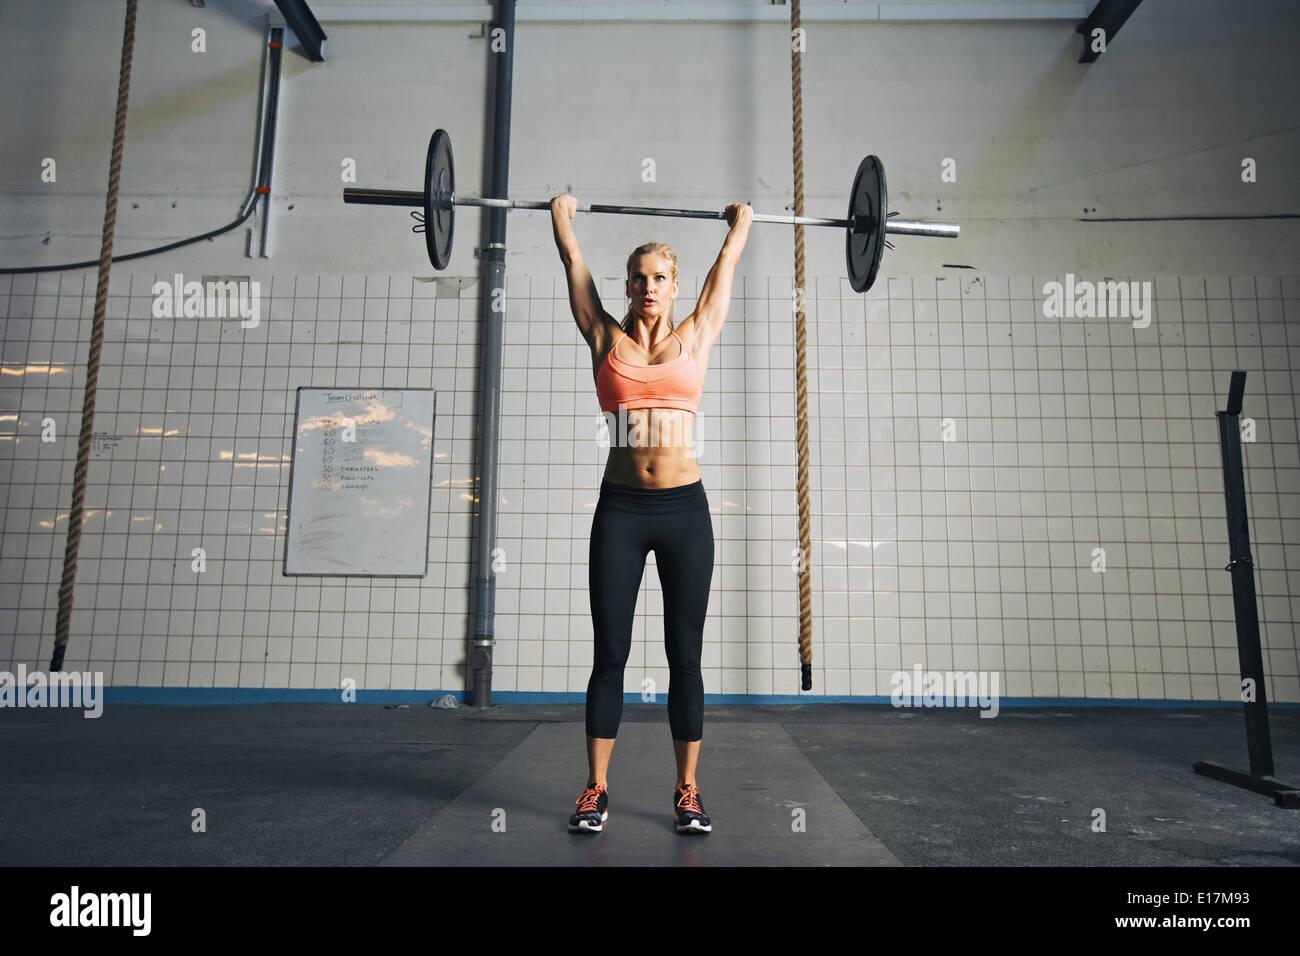 Lunghezza completa immagine di forte donna giovane con barbell e piastre di peso di overhead crossfit facendo esercizio. Montare atleta femminile. Immagini Stock